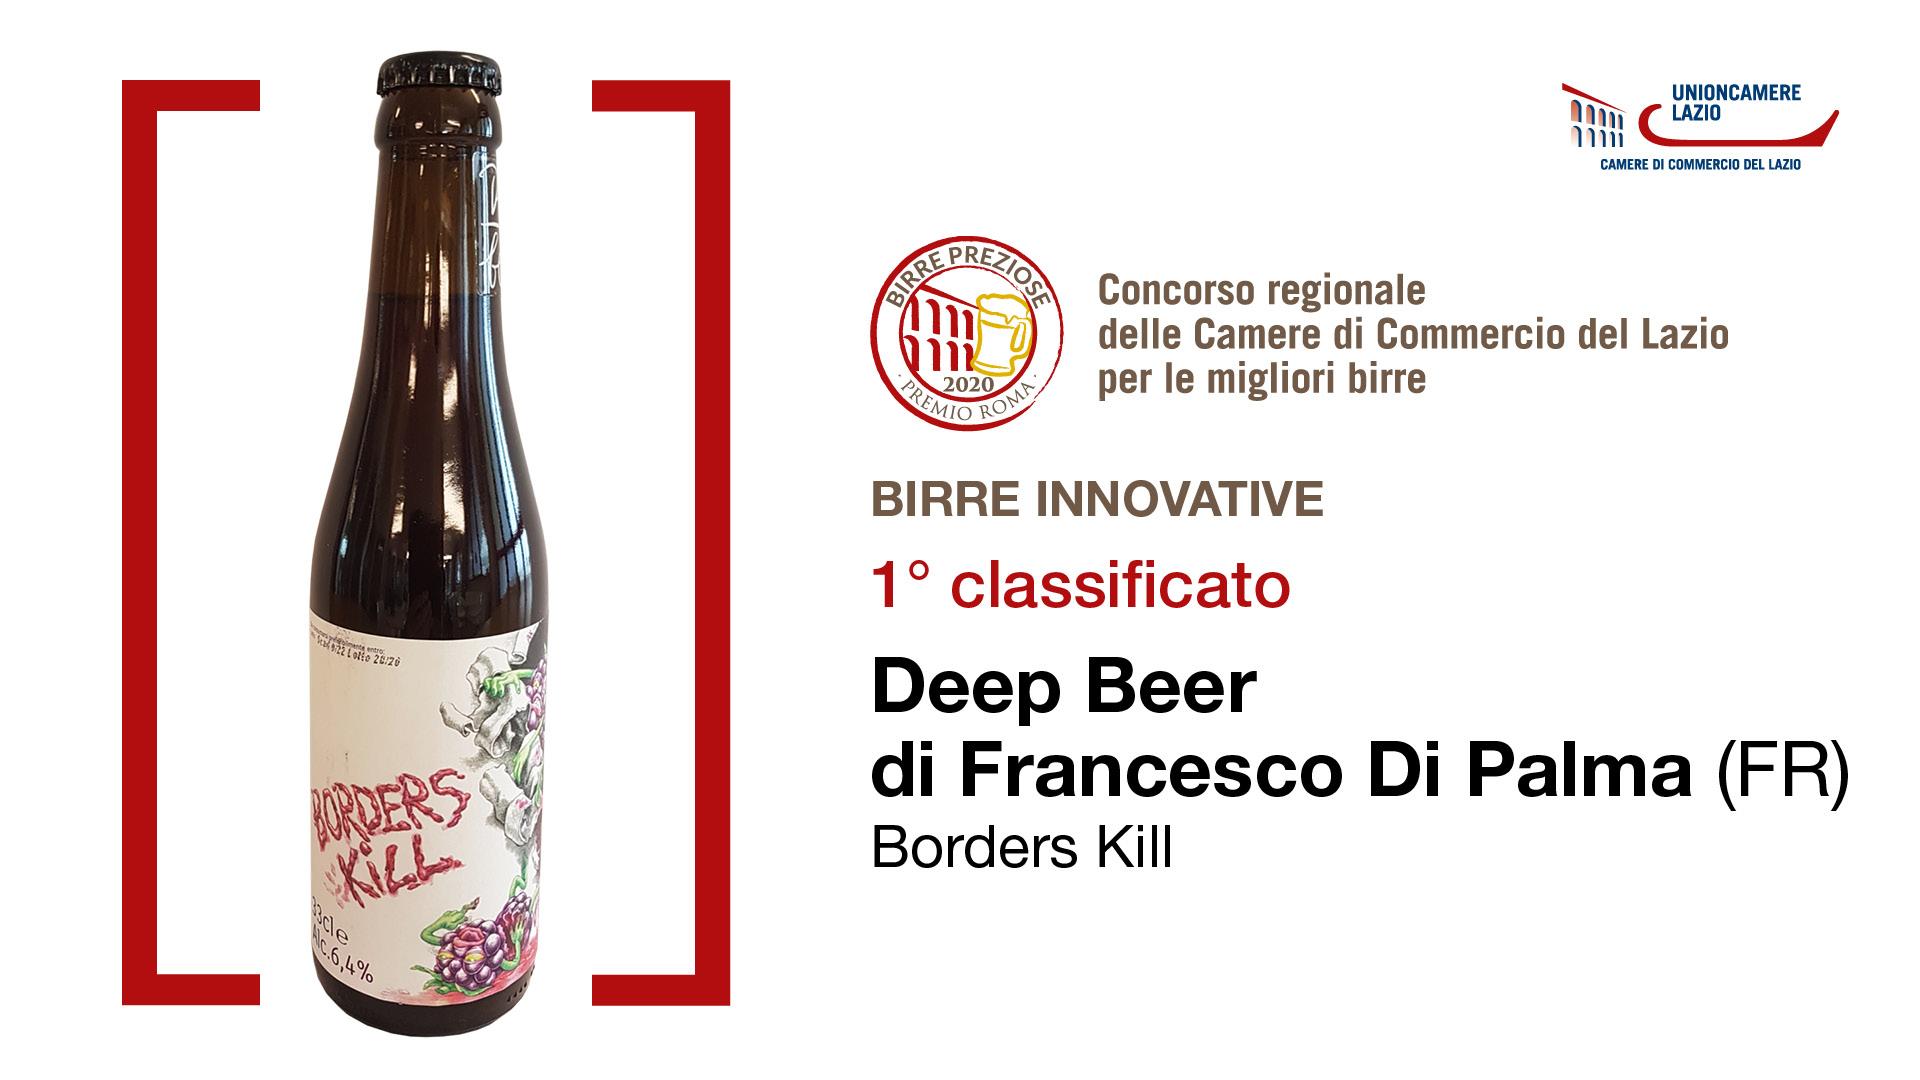 Deep Beer di Francesco Di Palma (FR)